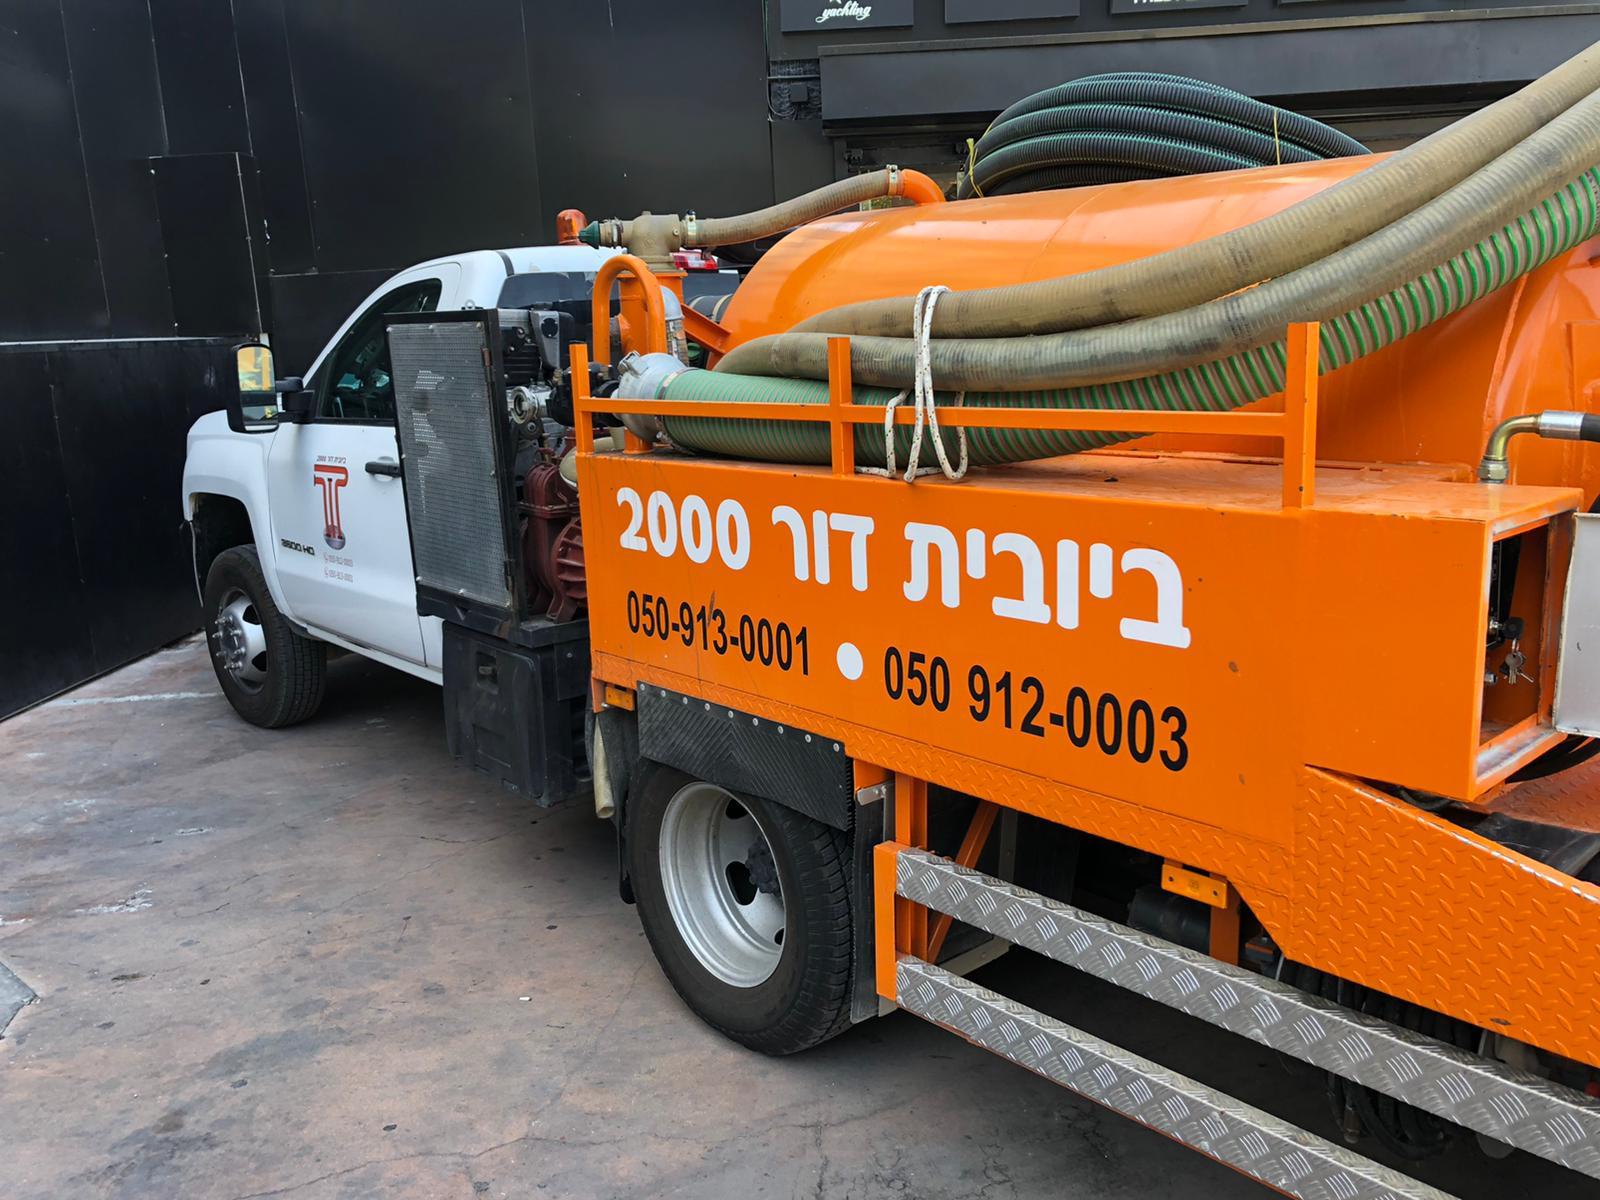 פתיחת סתימה ושאיבת בור מפריד שומנים לאולם אירועים באזור תעשייה תלפיות בירושלים.